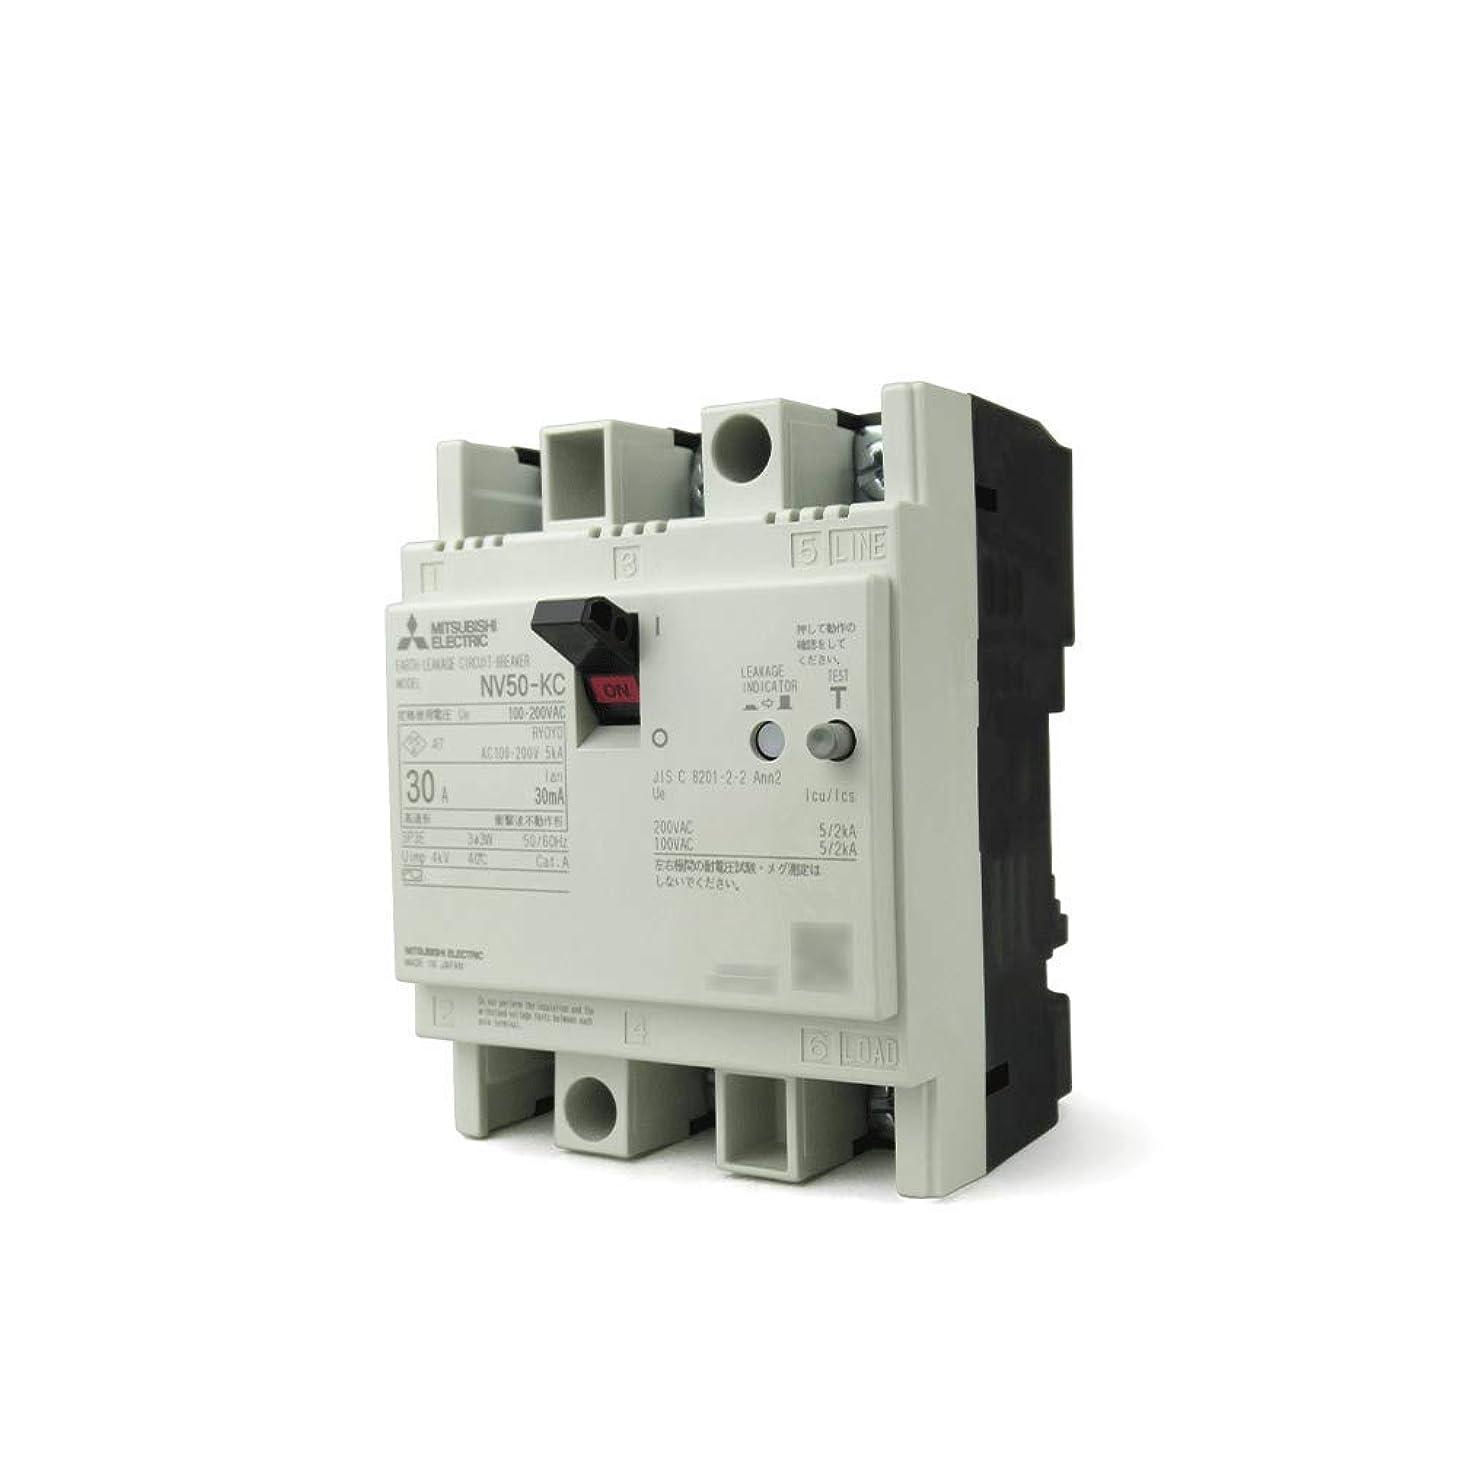 件名チケット反論三菱電機 NV50-KC 3P 30A 30MA (漏電遮断器) (3極) (AC 100-200V) NN